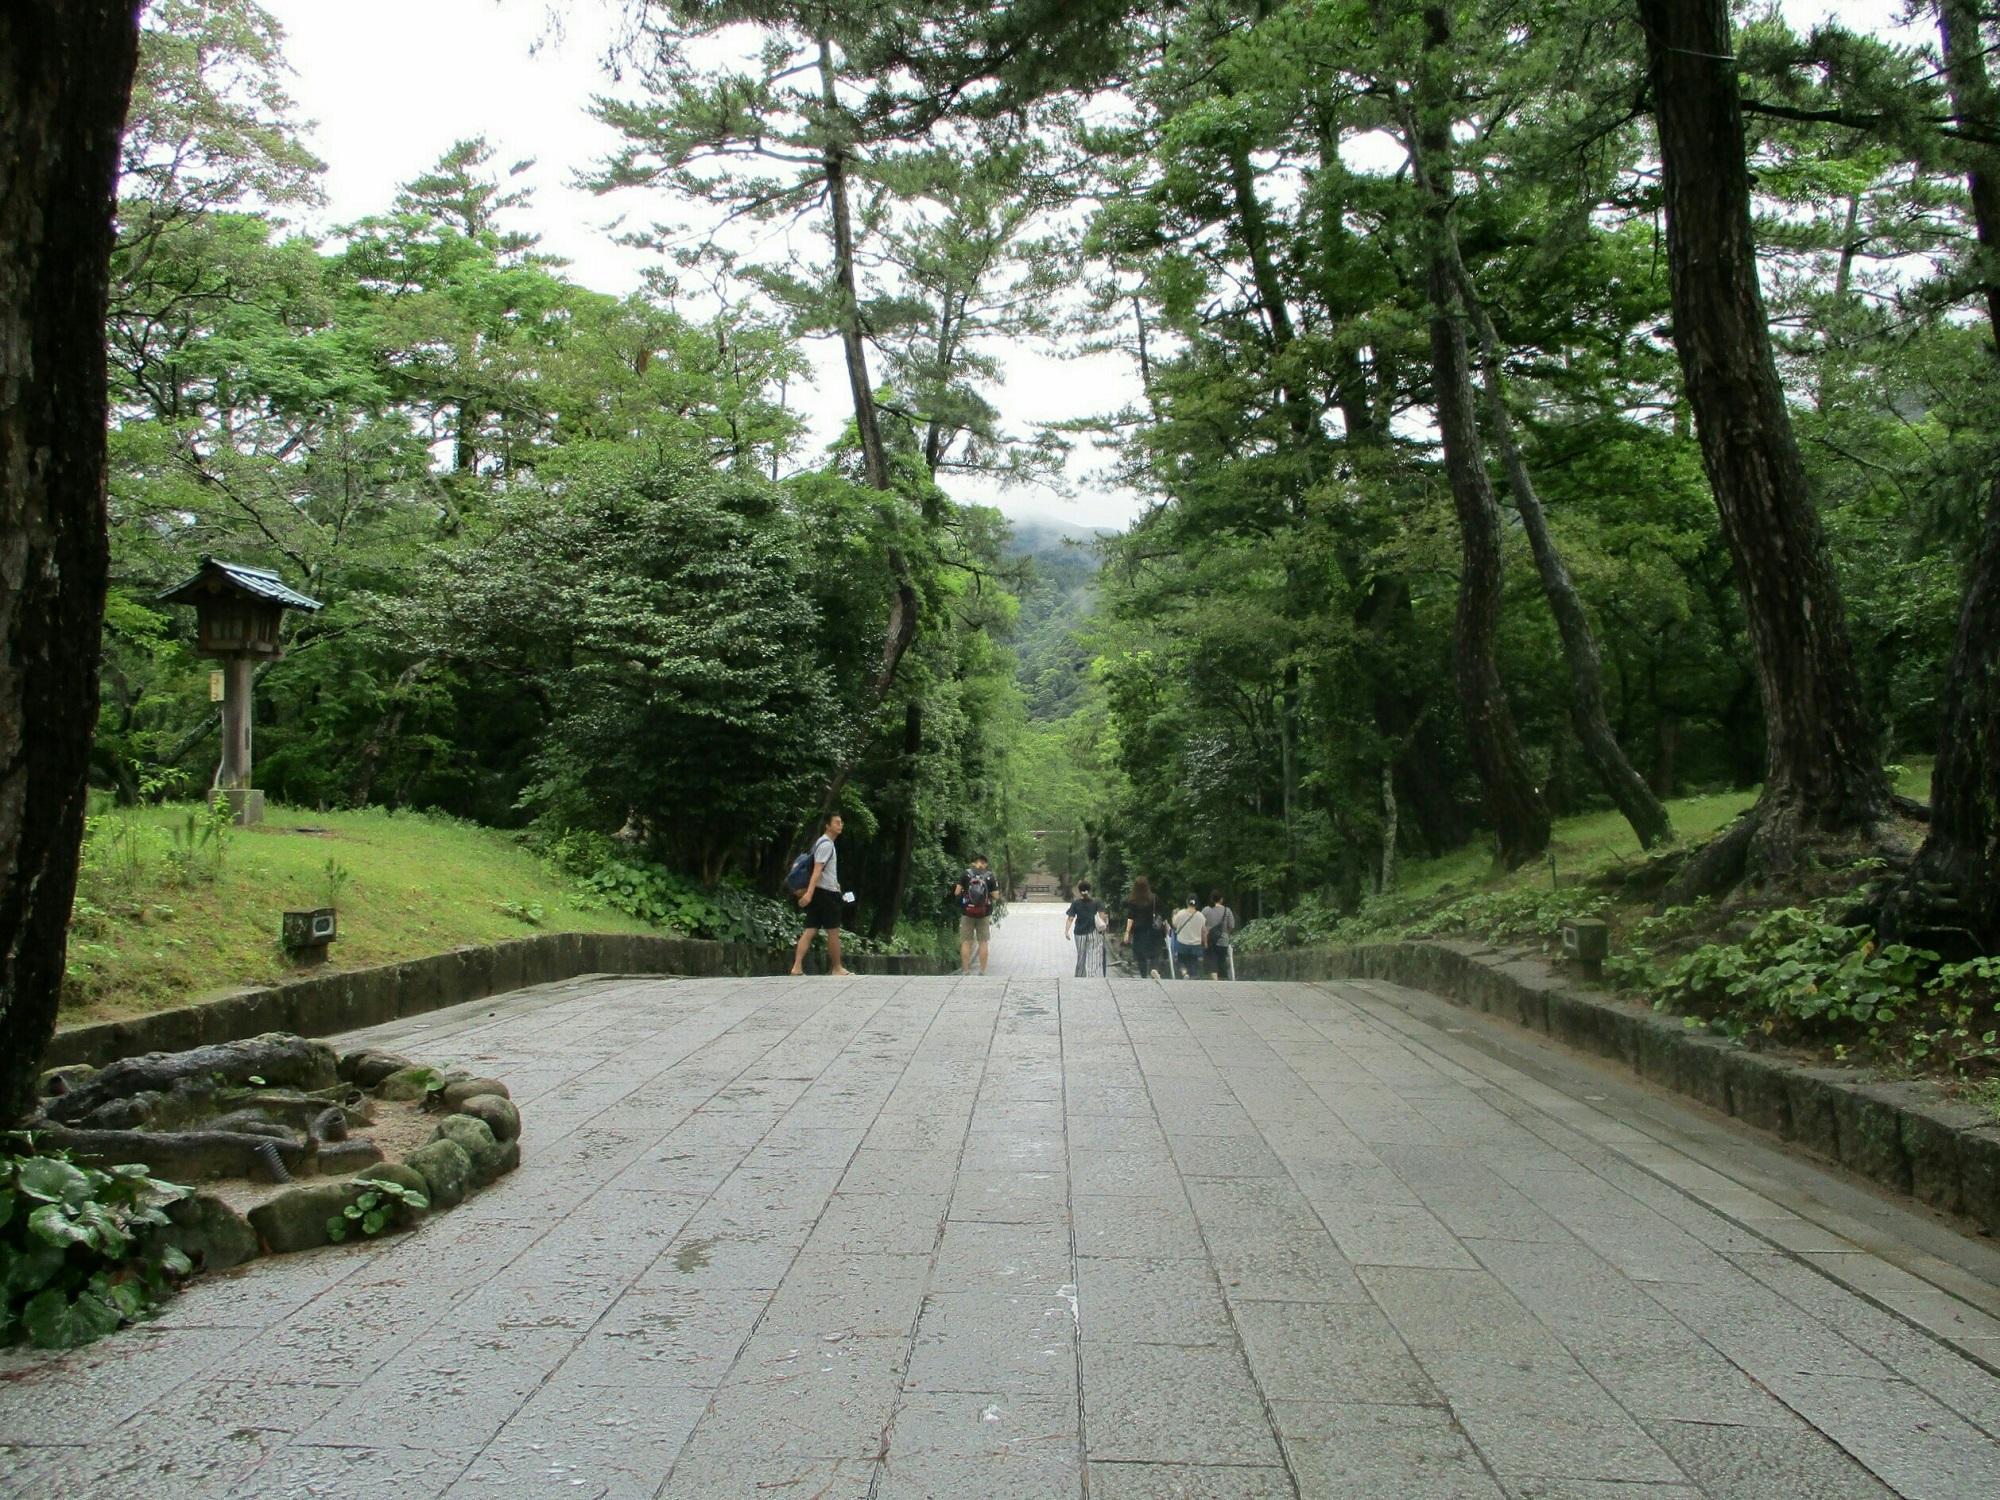 2018.7.6 (85) 出雲大社 - 参道 2000-1500